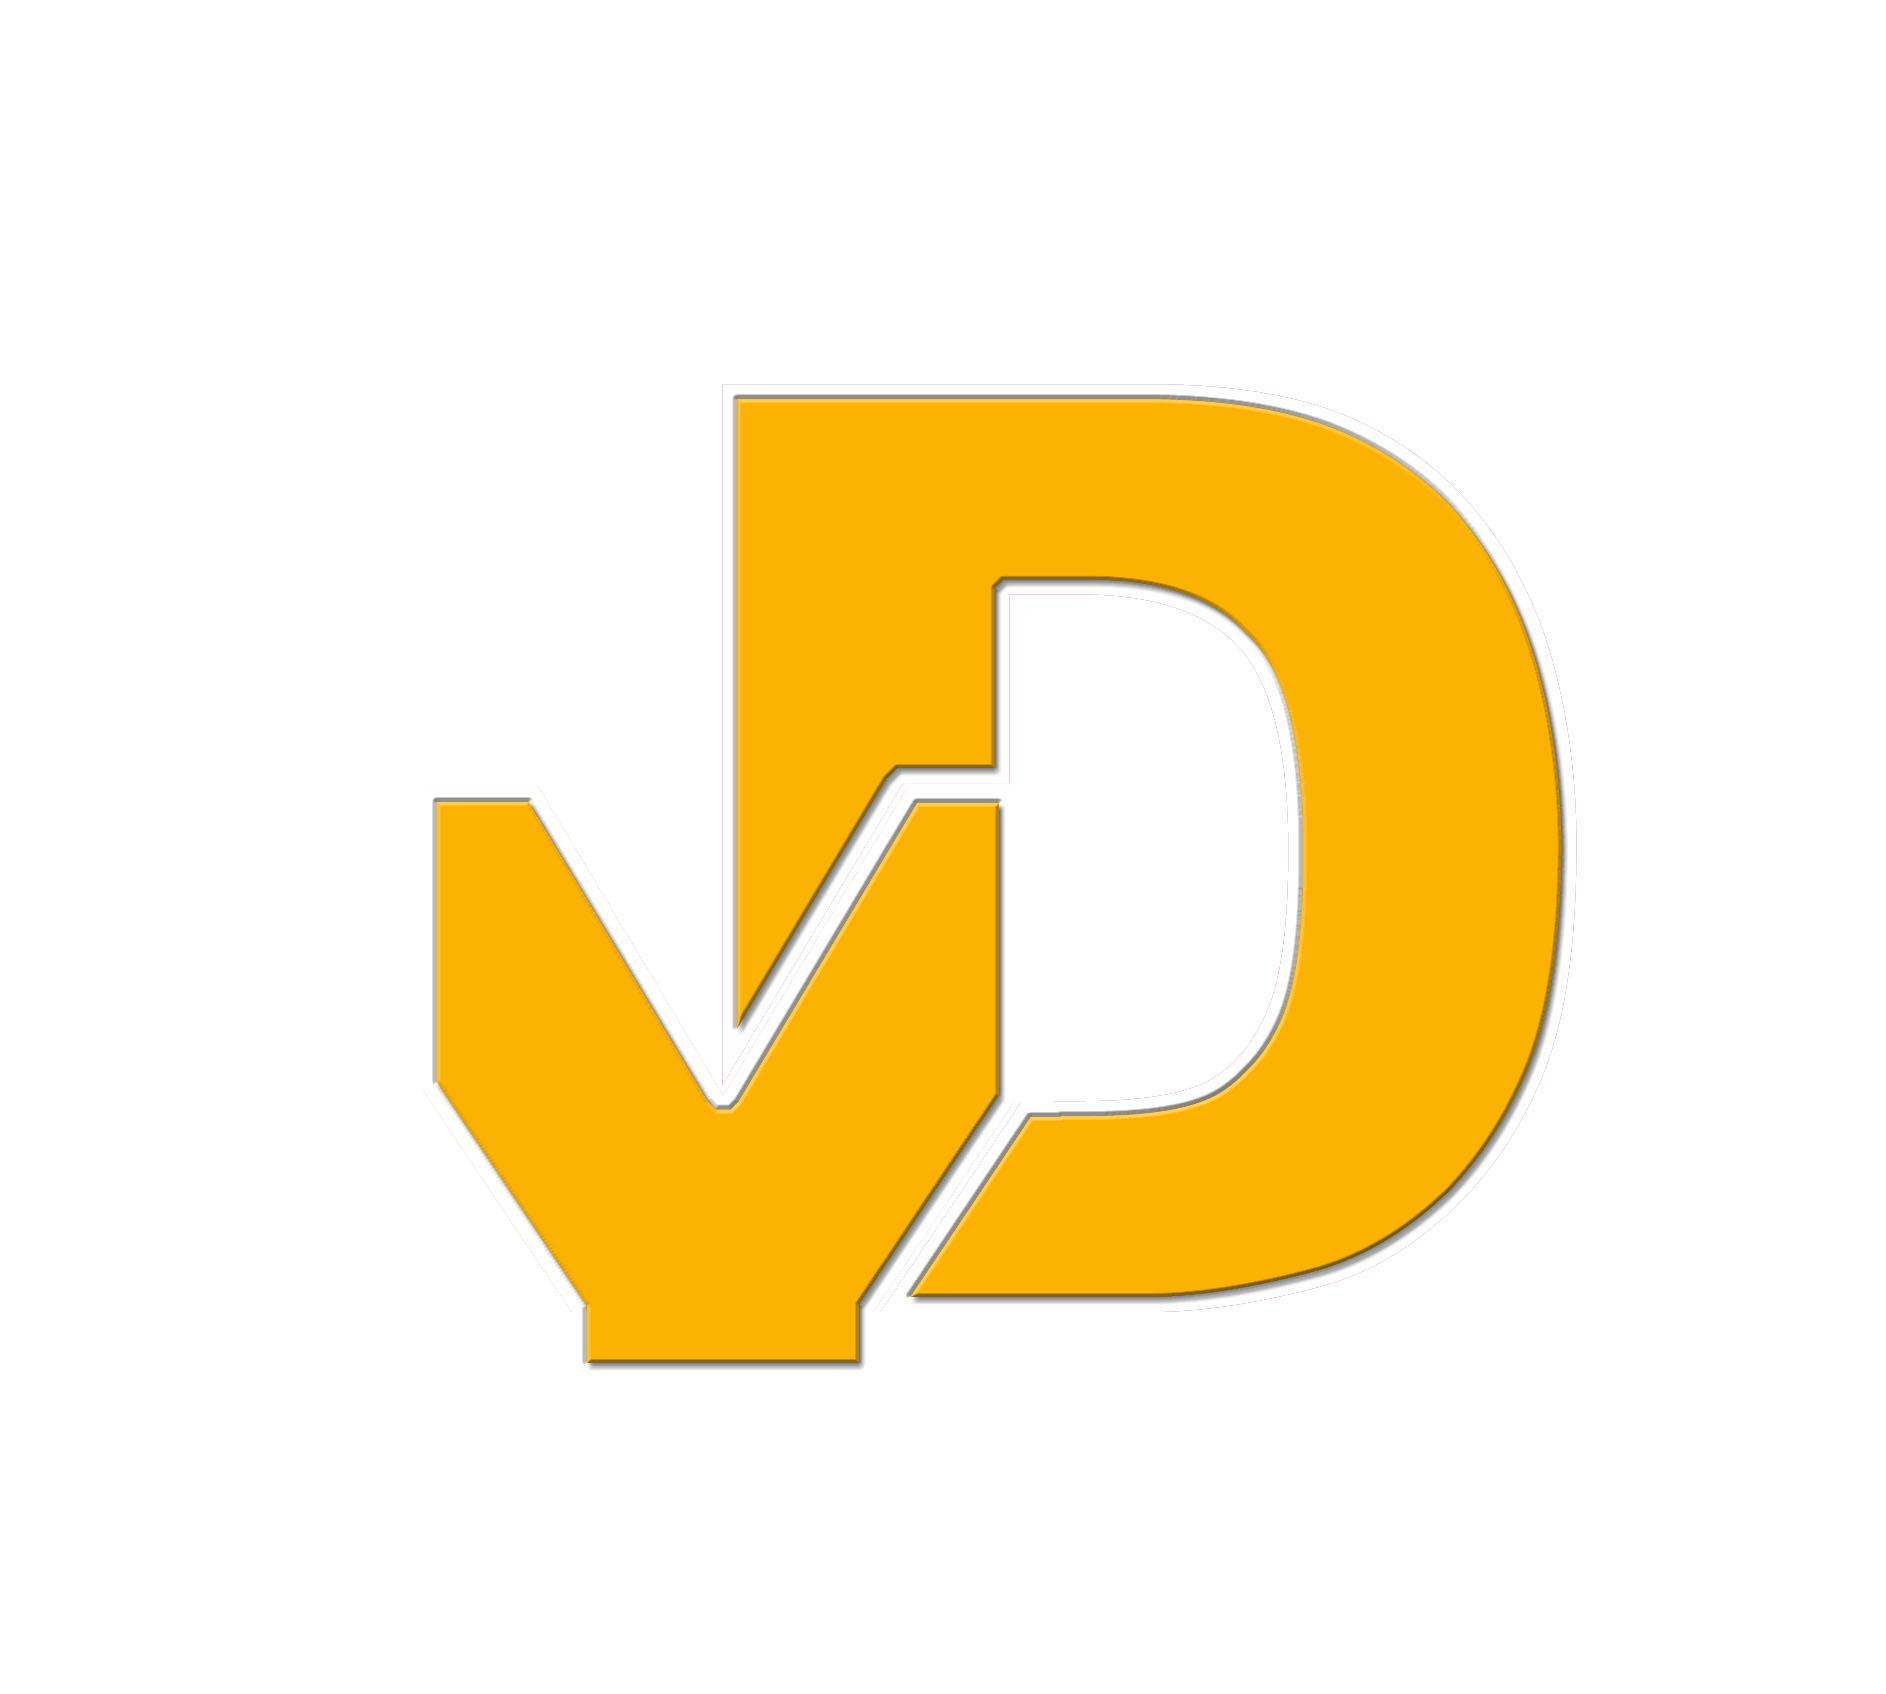 logo logo 标志 设计 矢量 矢量图 素材 图标 1886_1694